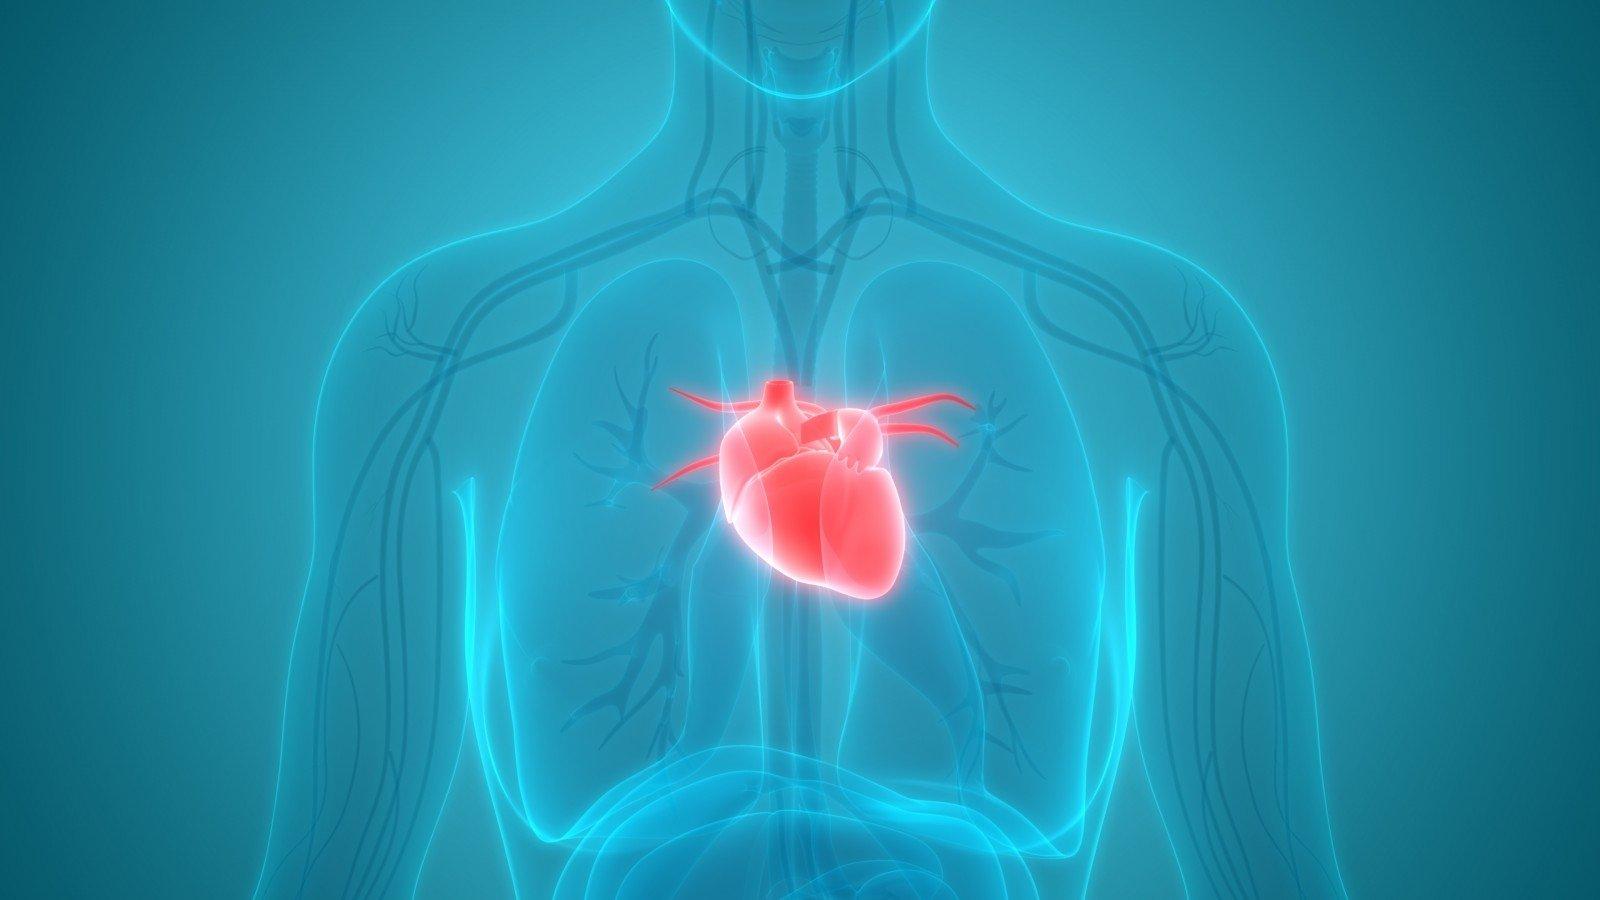 lizino nauda širdies sveikatai trokserutinas nuo hipertenzijos